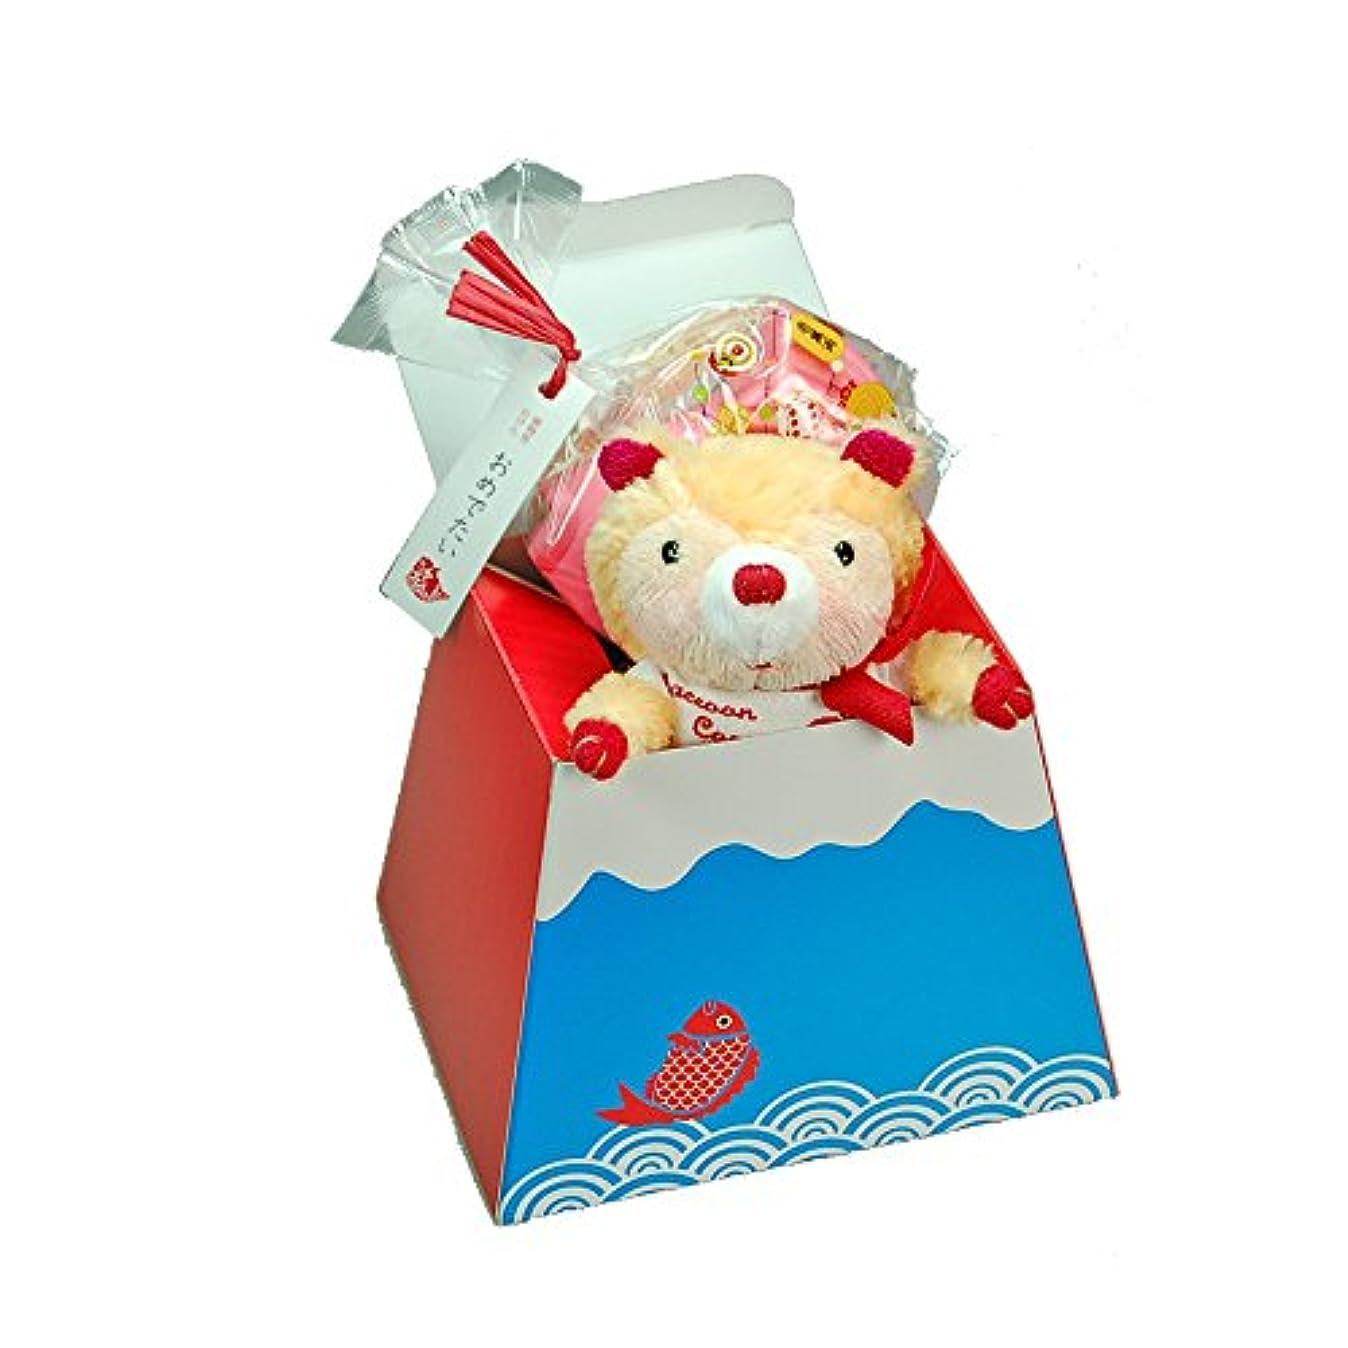 インフレーションブロッサム恐ろしいですプチギフト リトルマスコット 鯛 石けん 富士山ラッピング付き 誕生日プレゼント お祝い 入学 卒業  (リトルセット)